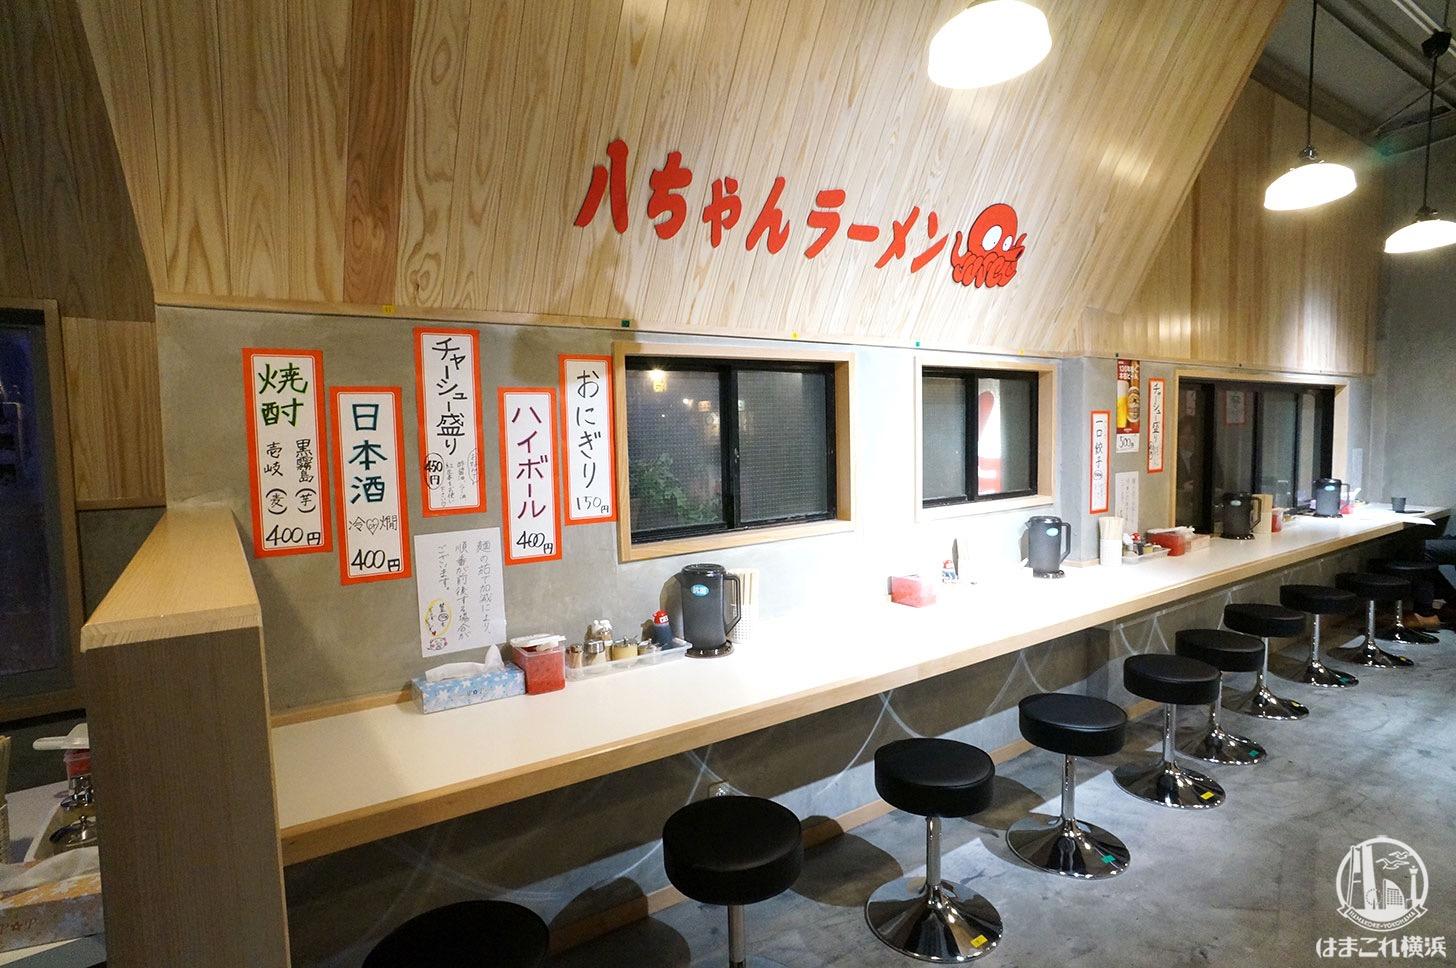 八ちゃんラーメン 新横浜ラーメン博物館 店内のカウンター席